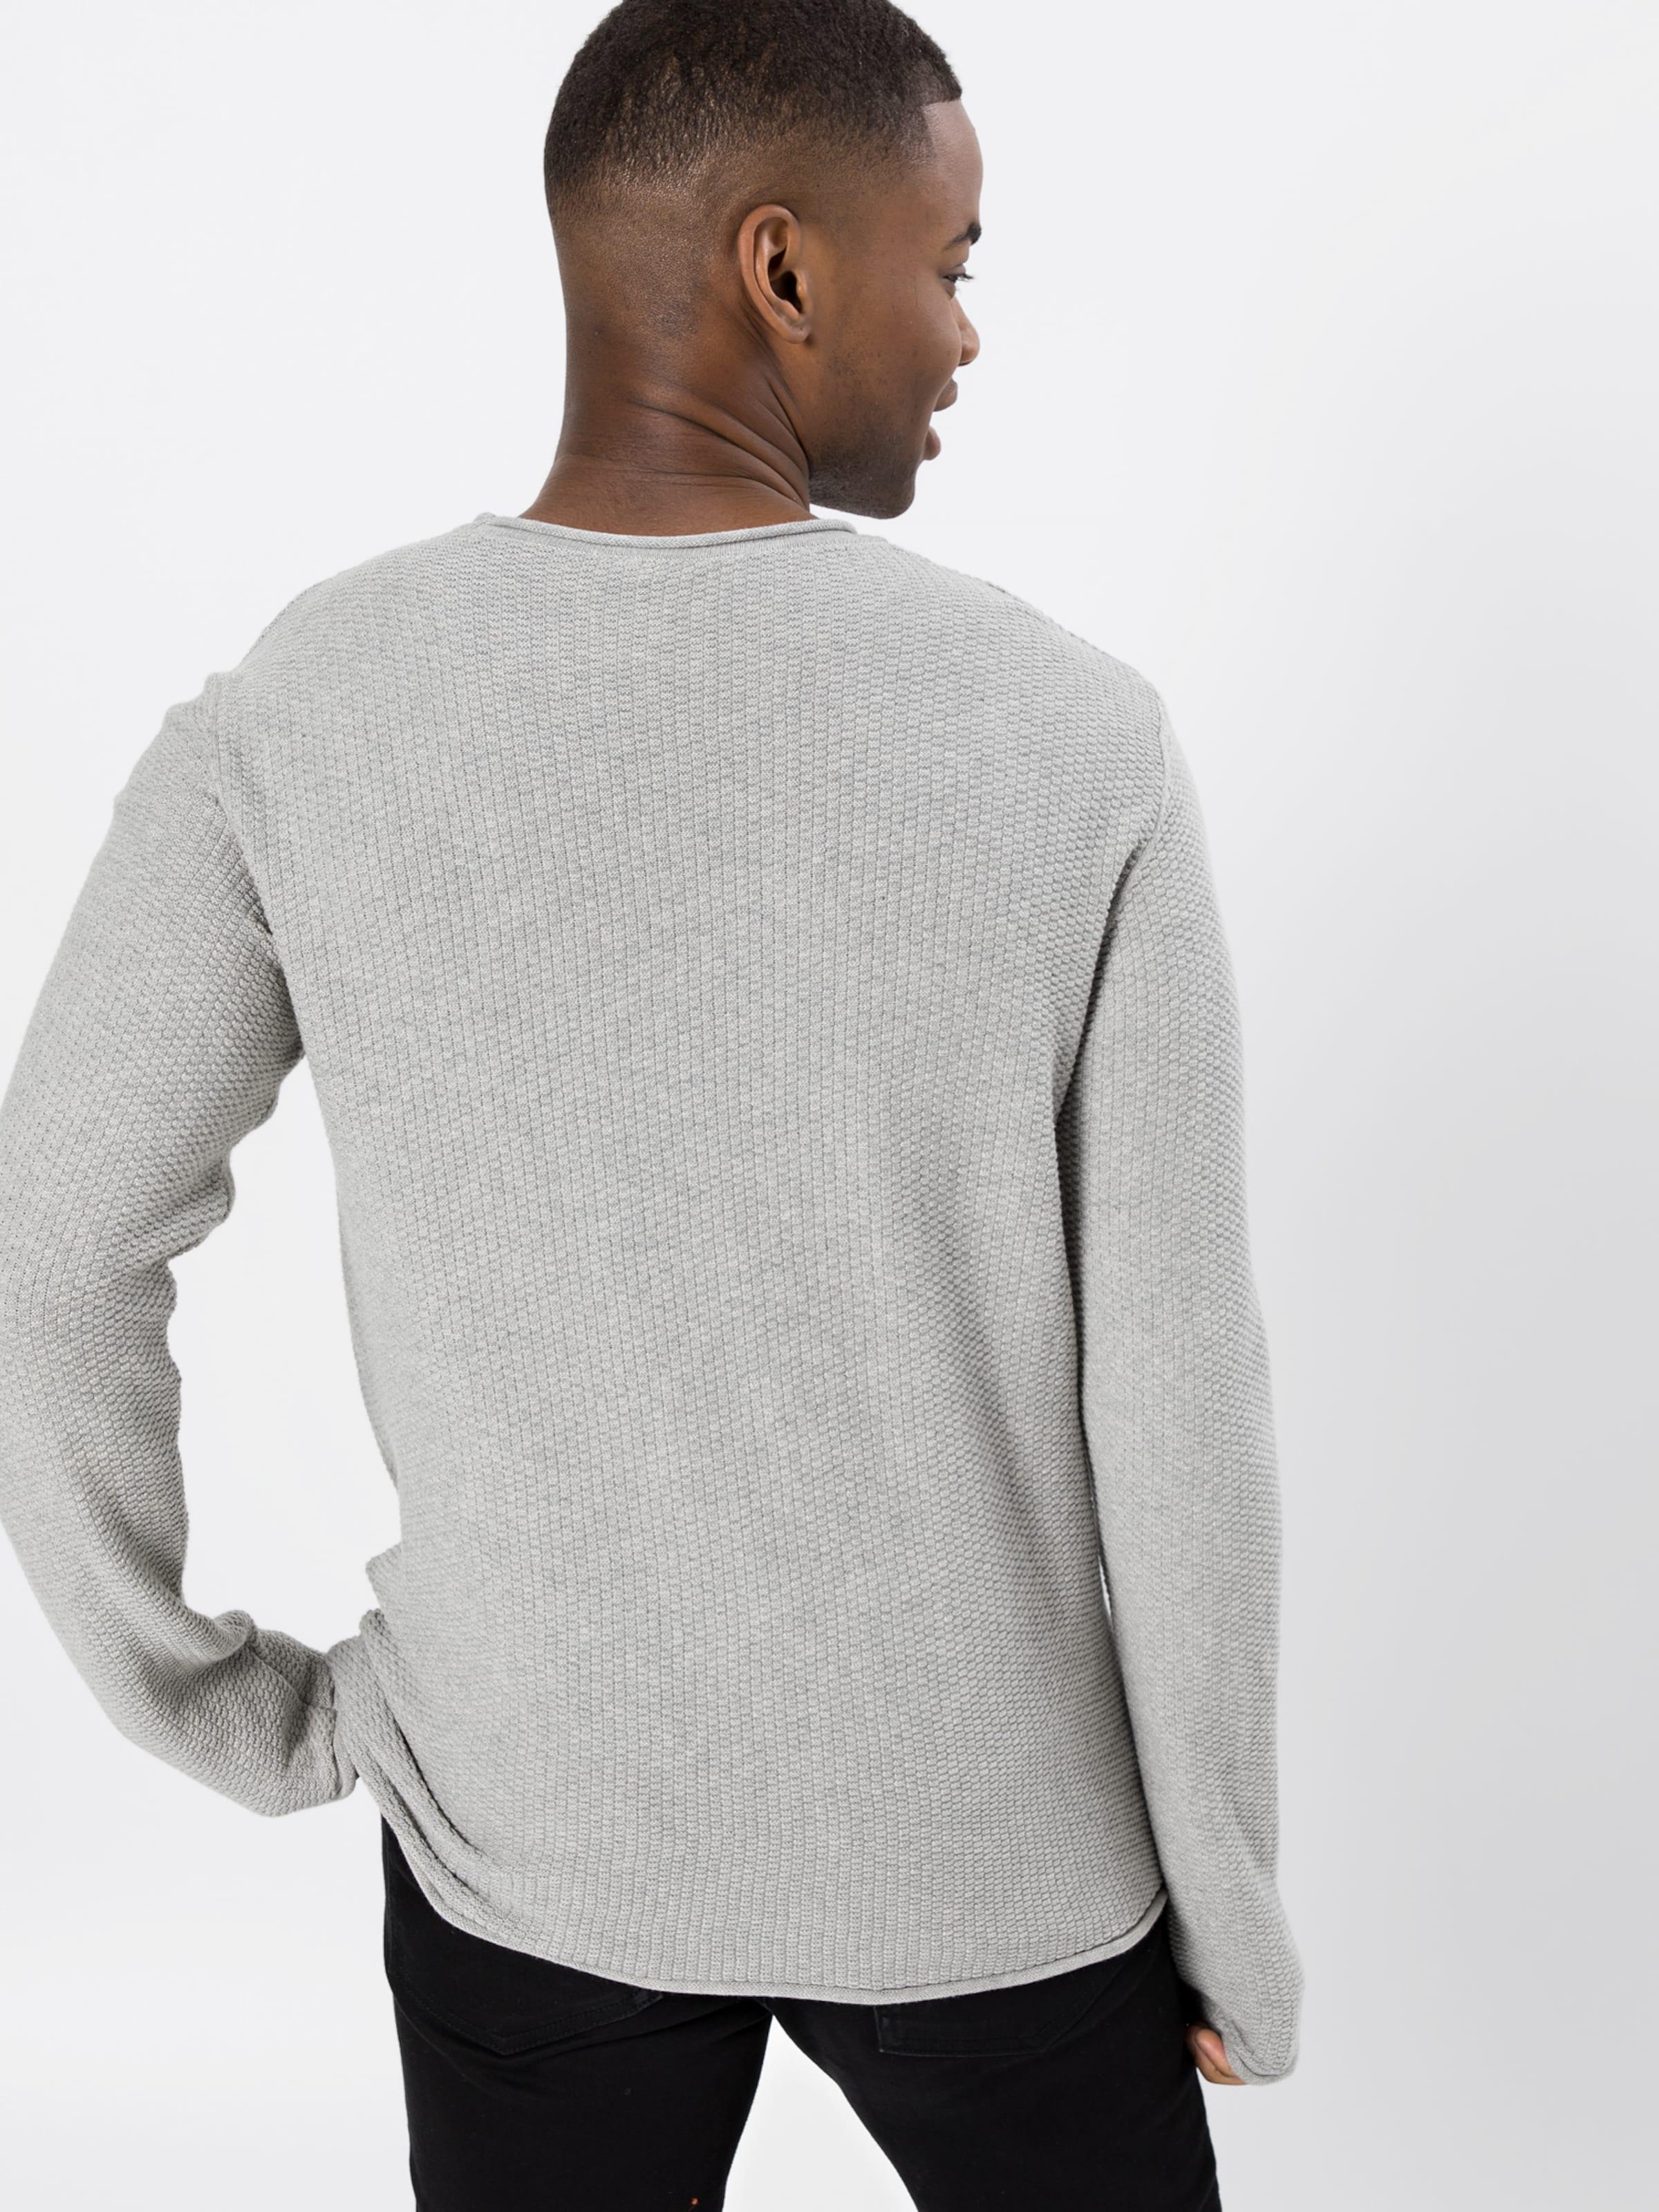 'laseda' In 'laseda' Pullover Pullover 'laseda' Hellgrau Hellgrau Ltb Pullover Ltb Ltb In OPvm8nwNy0